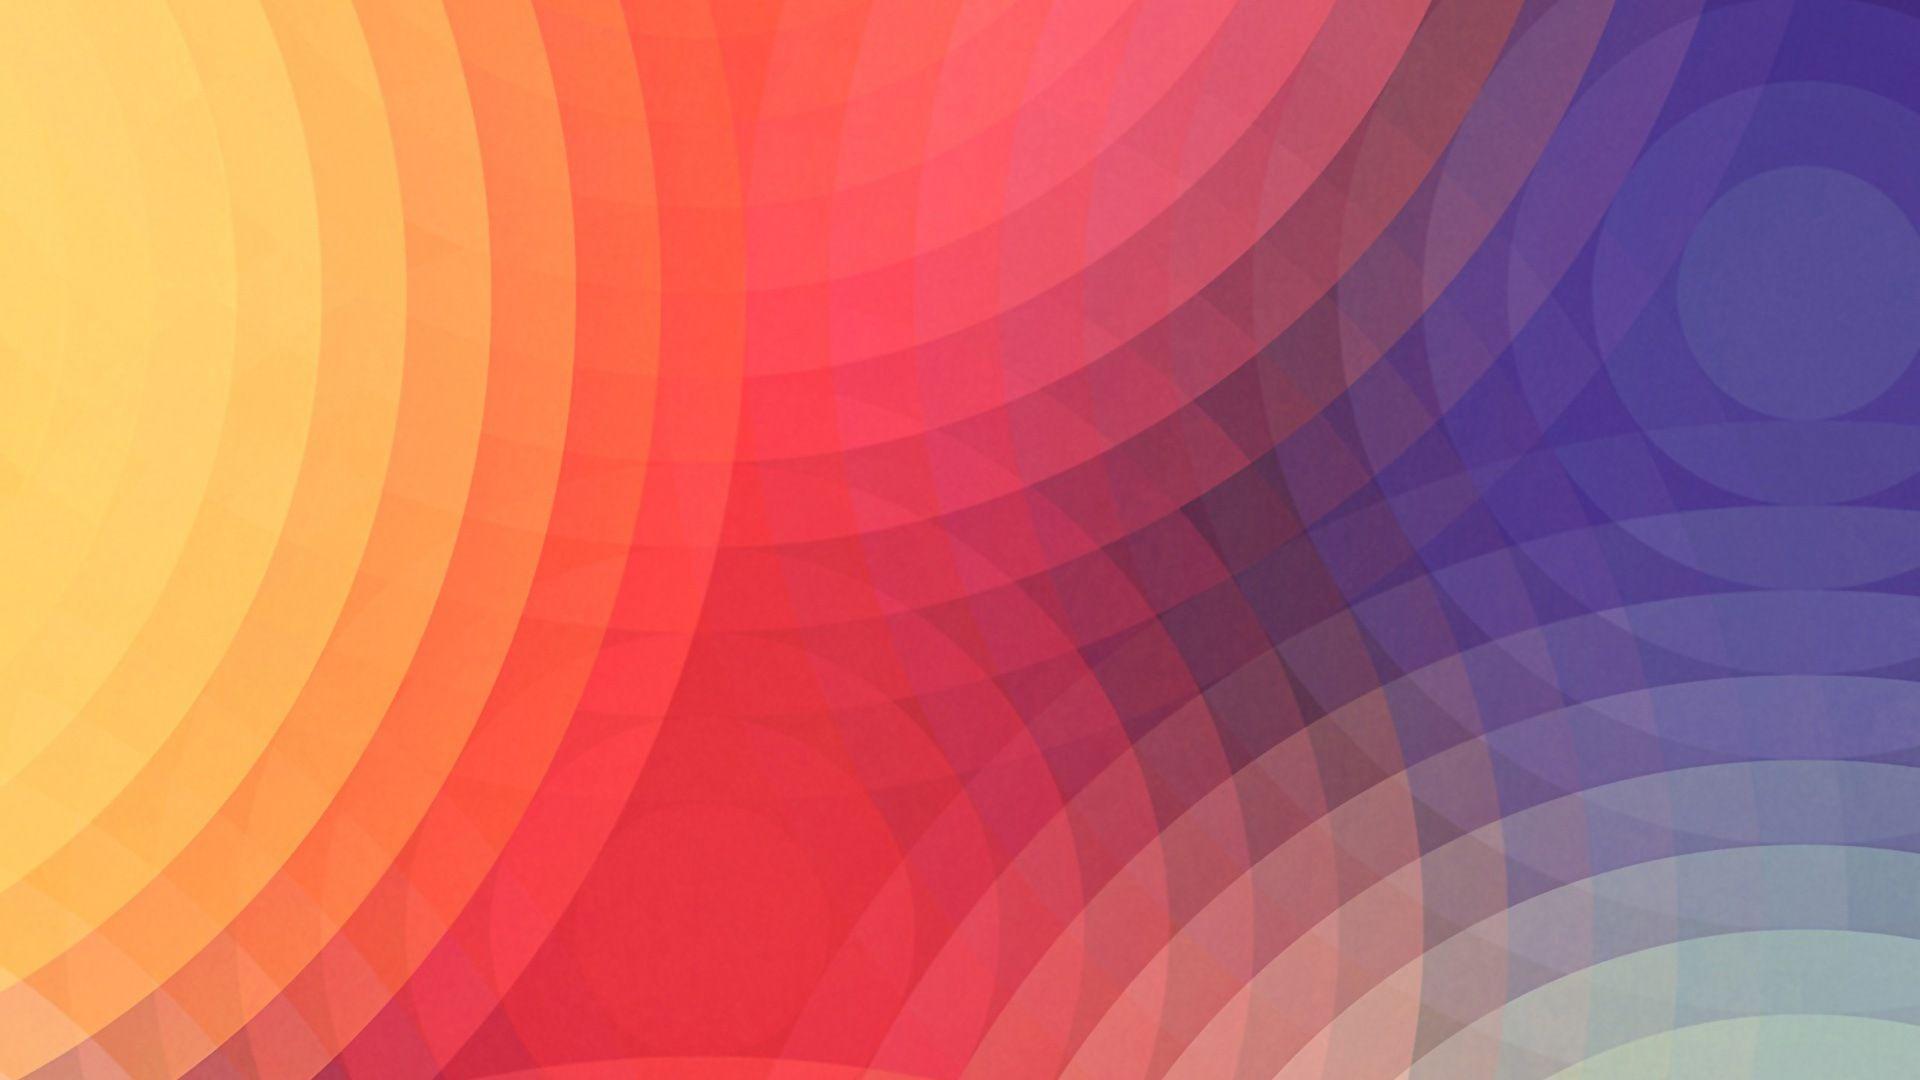 Windows 10 Preview Wallpapers Pack 2 6 1920x1080 Wallpaper Warna Pelangi Gambar